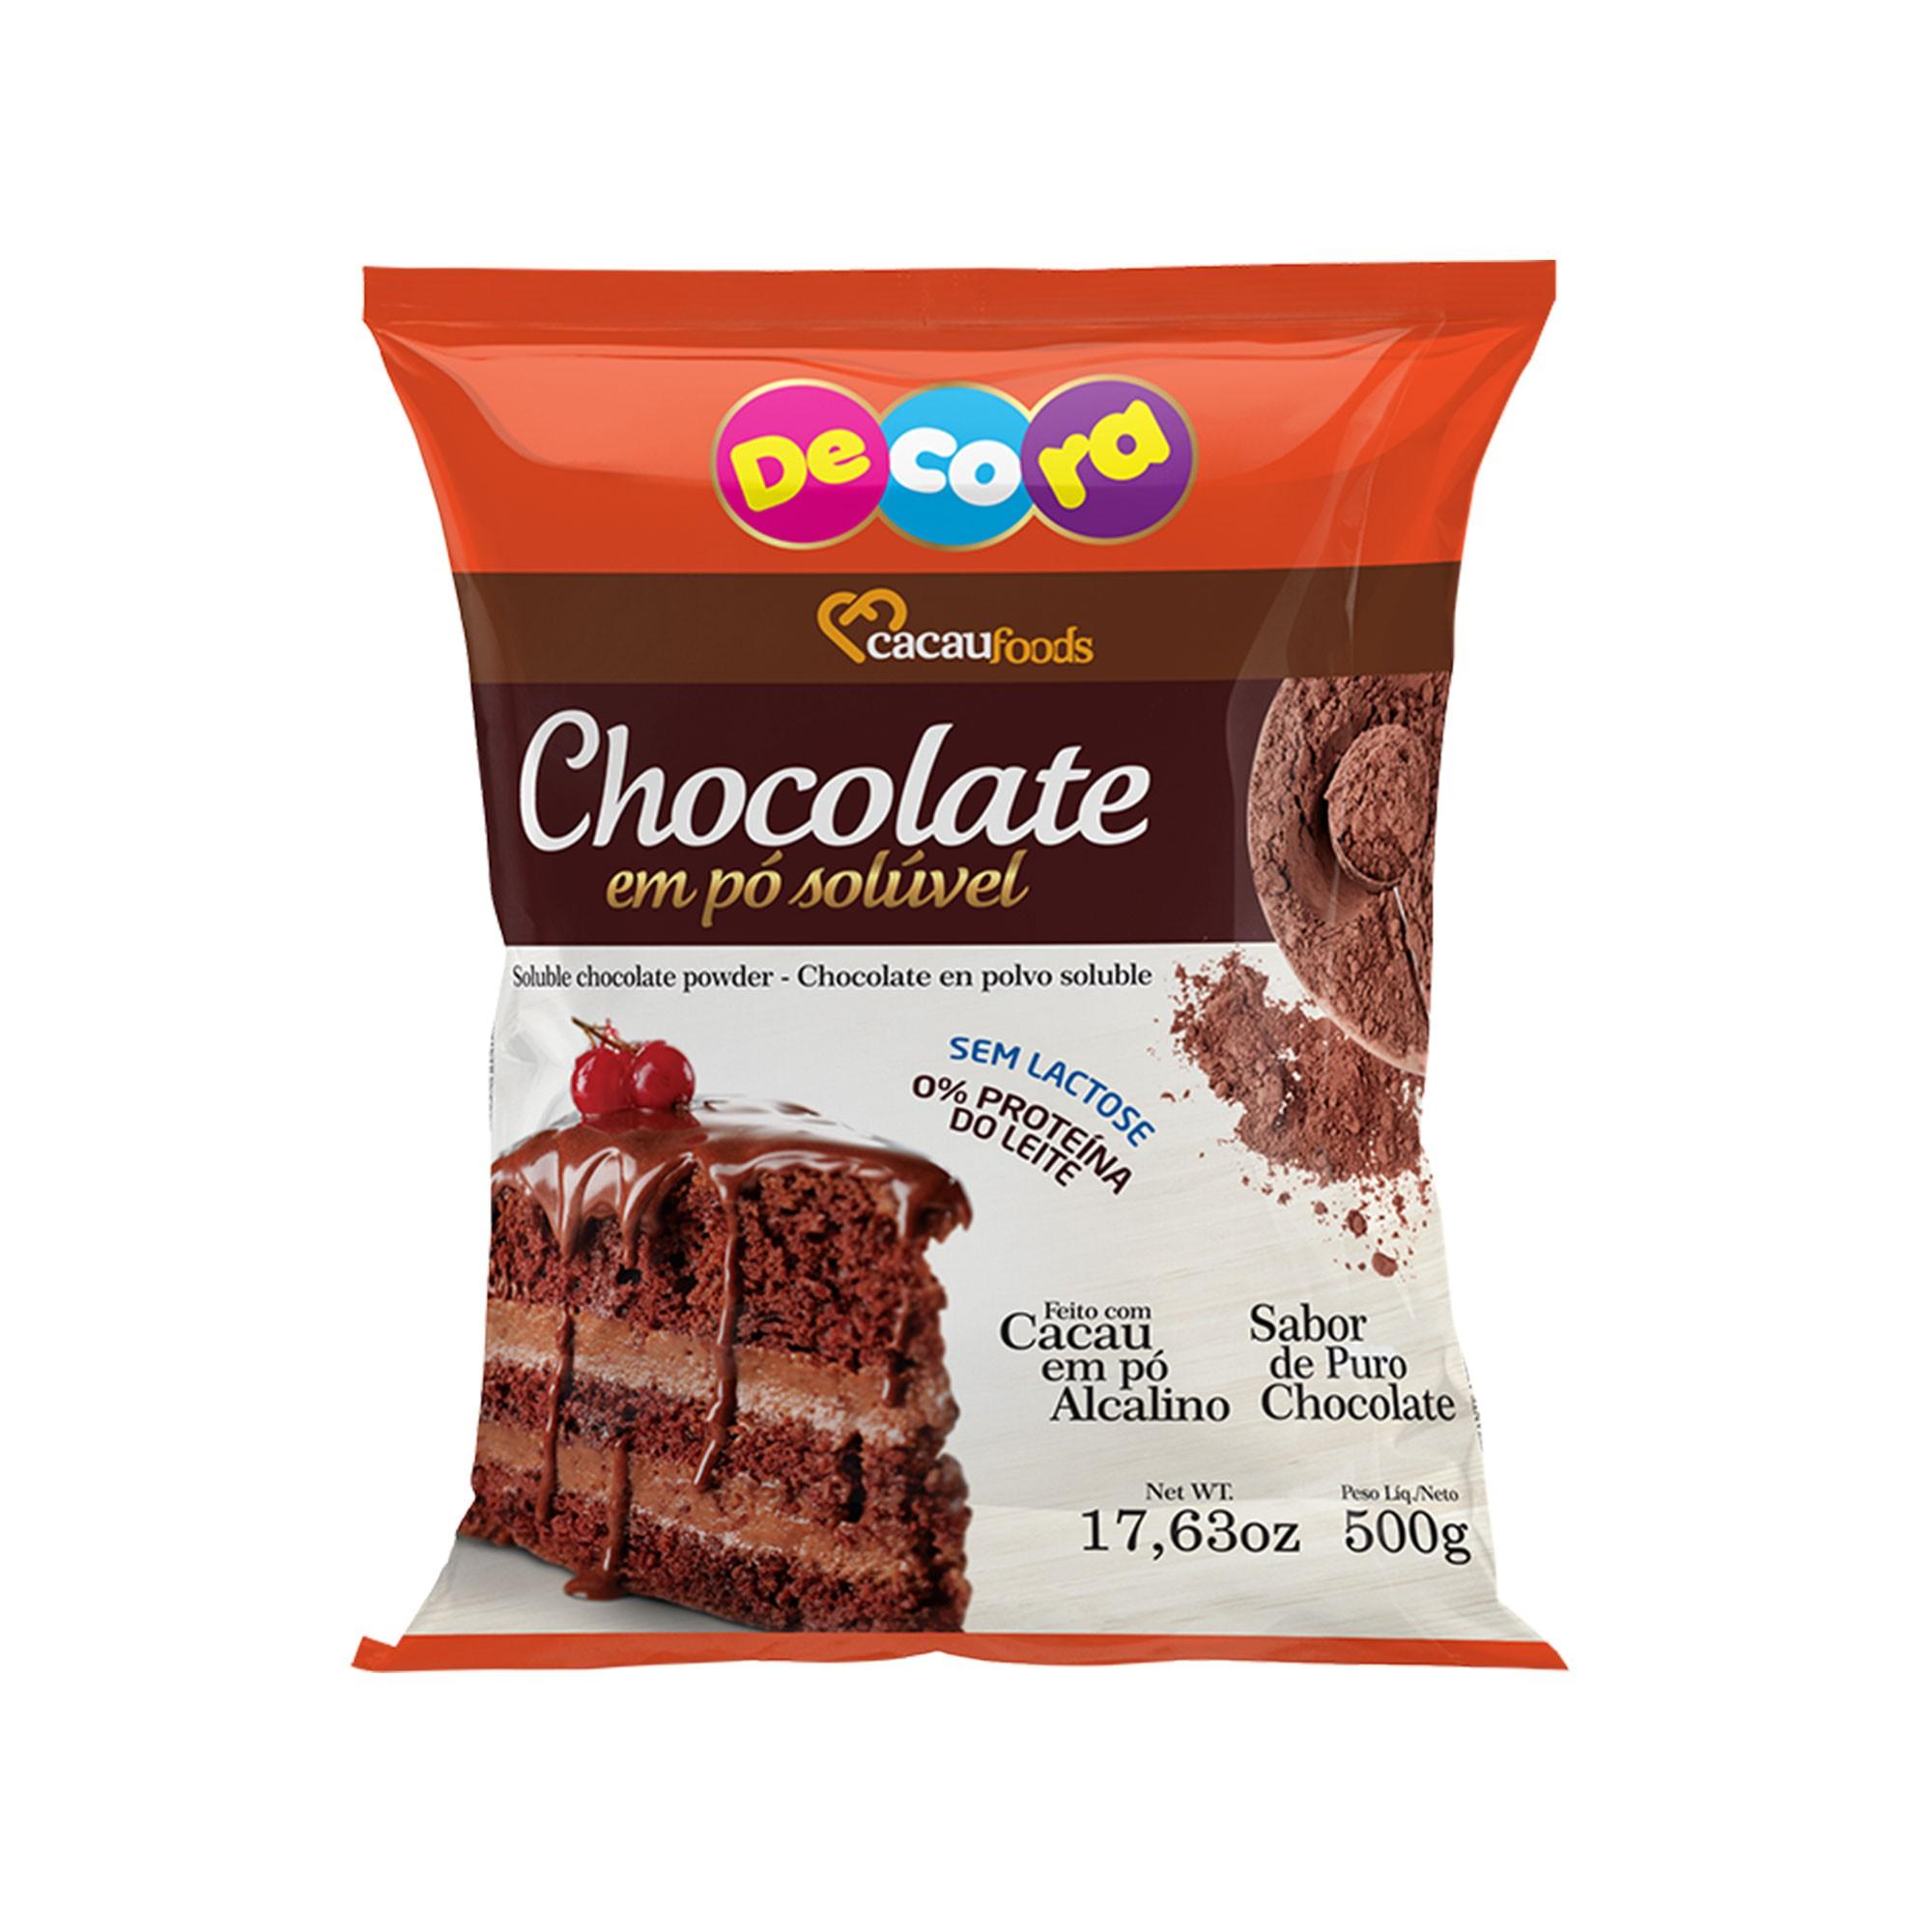 Chocolate Em Pó Solúvel Decora 500g